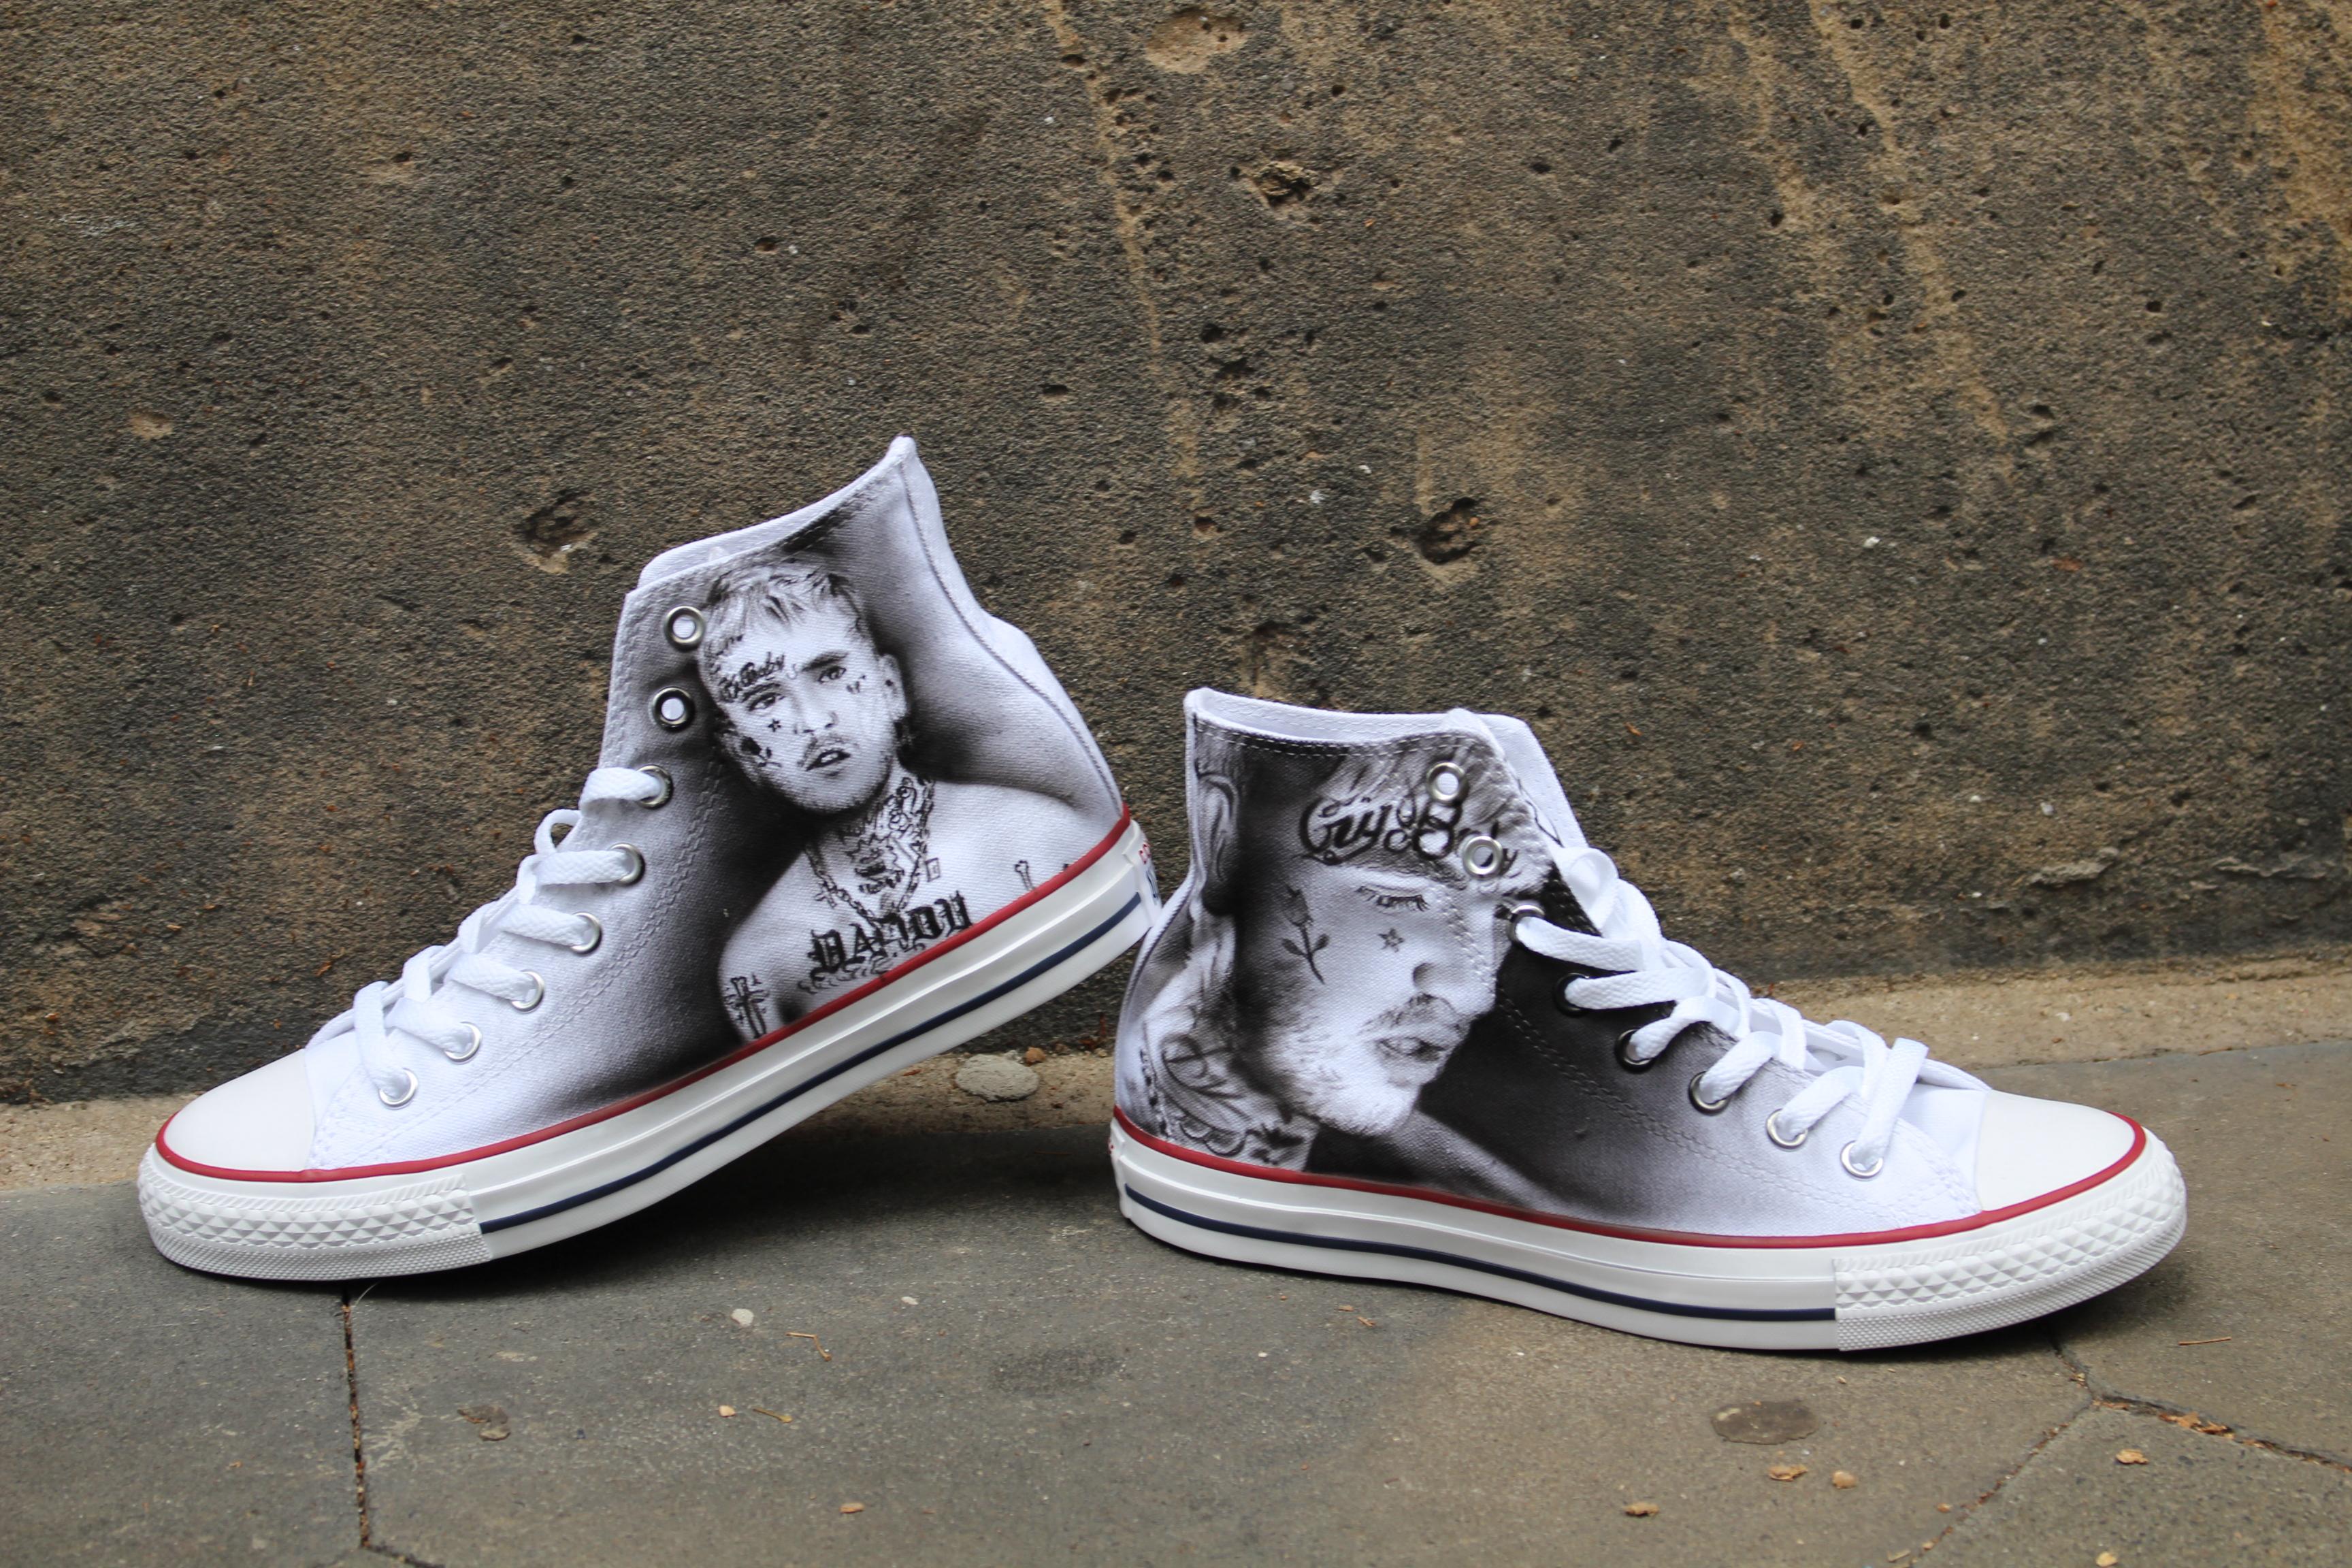 converse custom